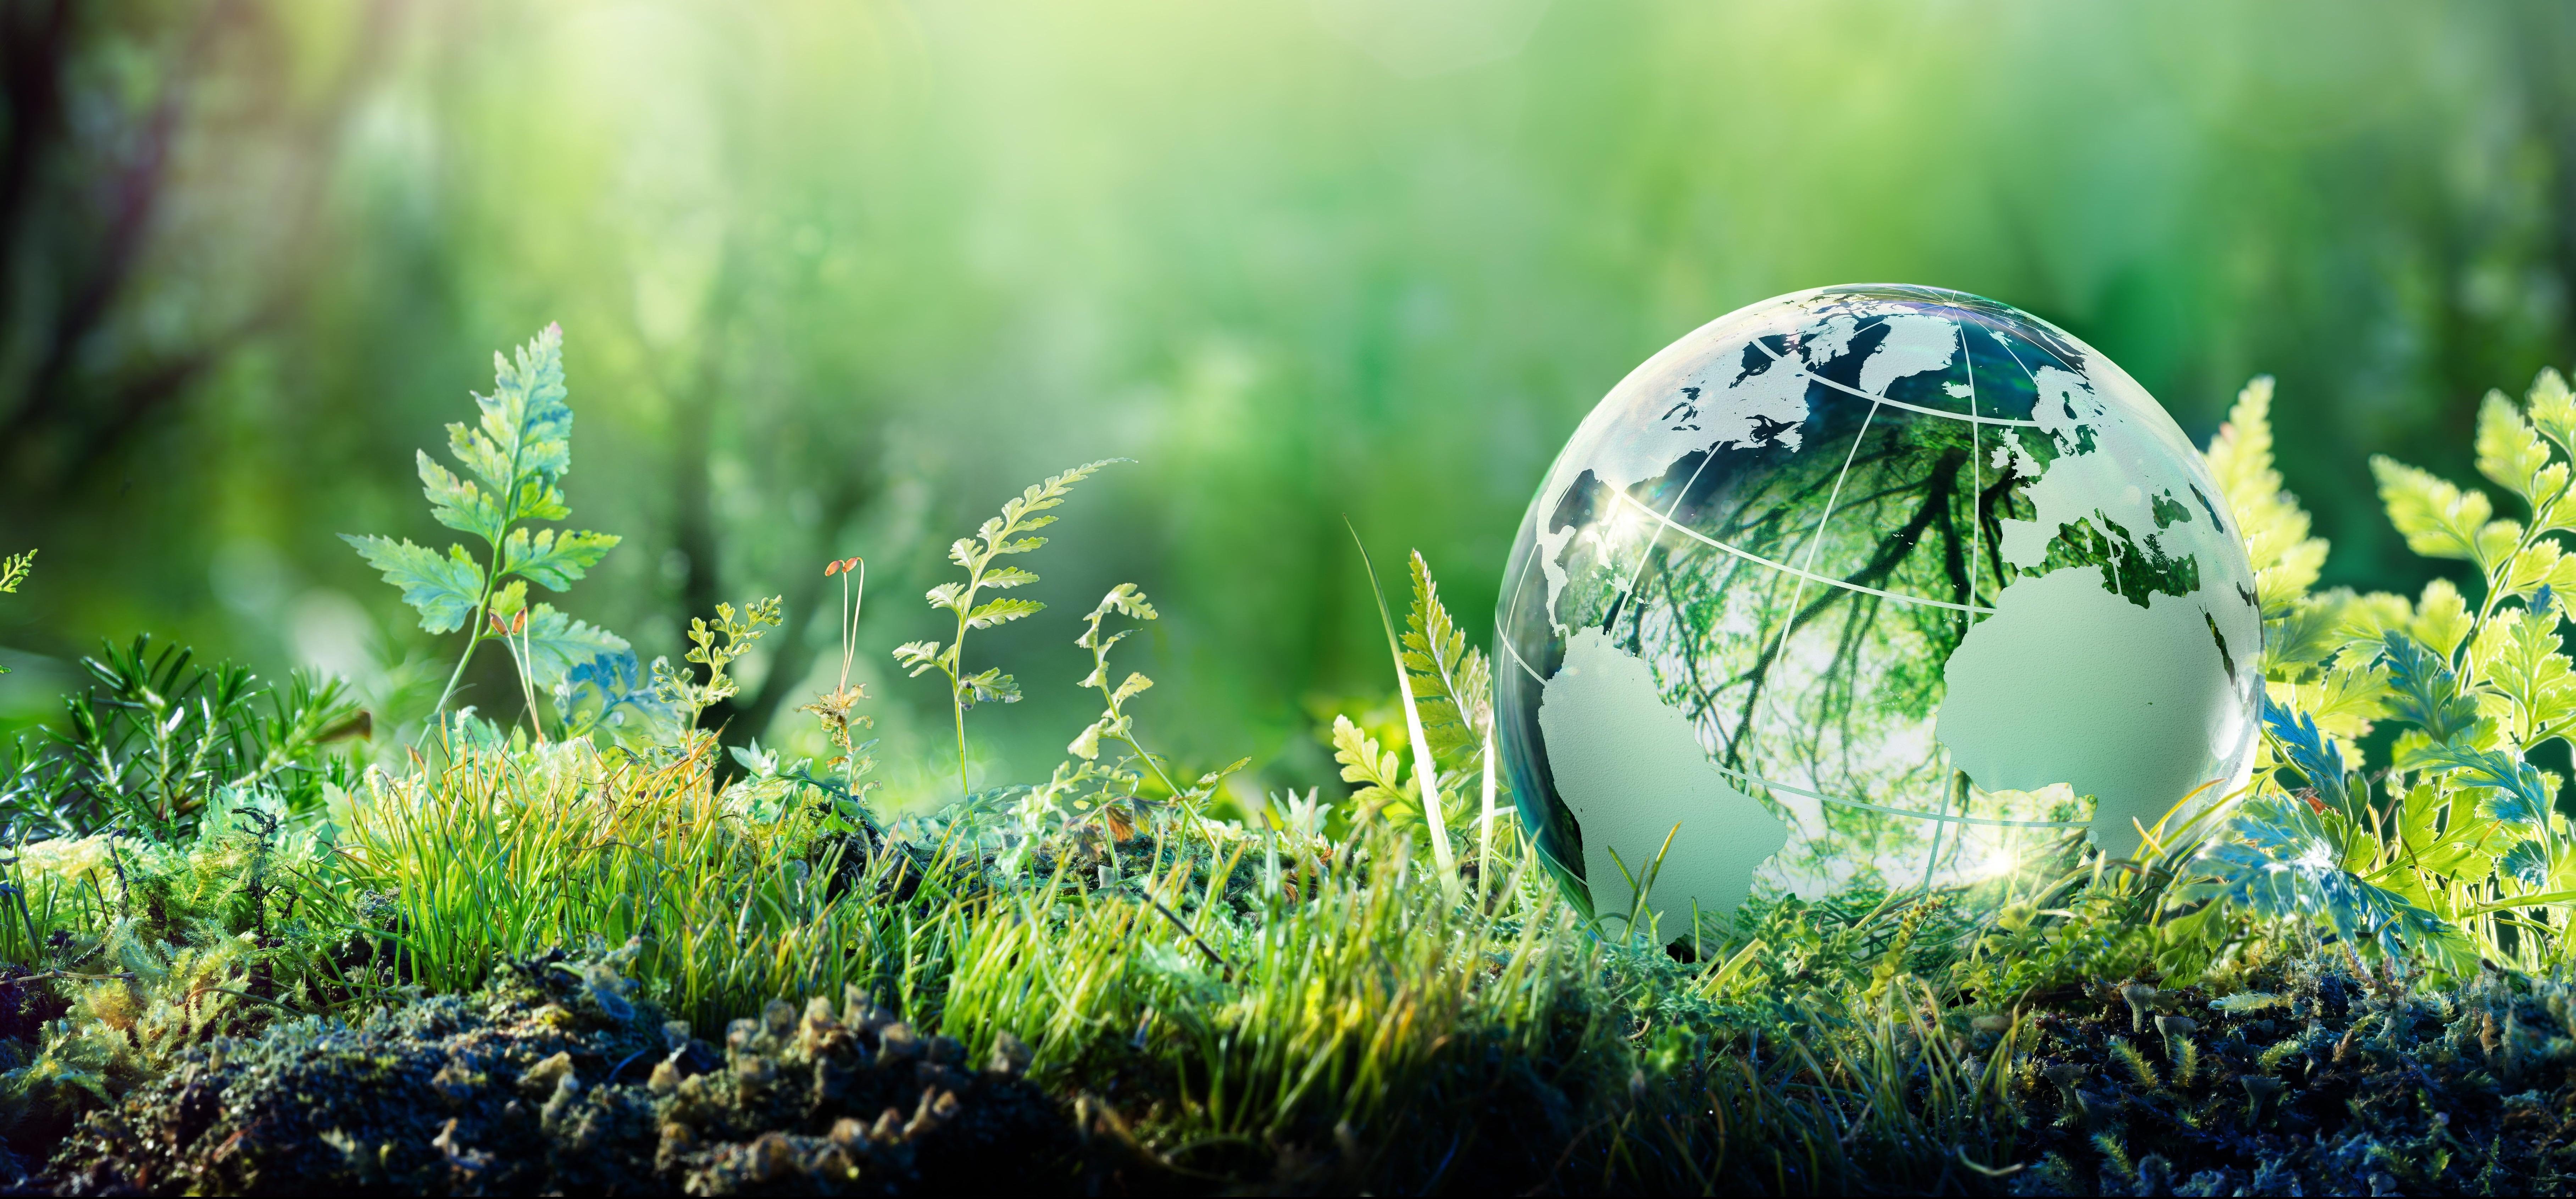 Prysmian Group установила новые среднесрочные цели устойчивого развития на 2022 год